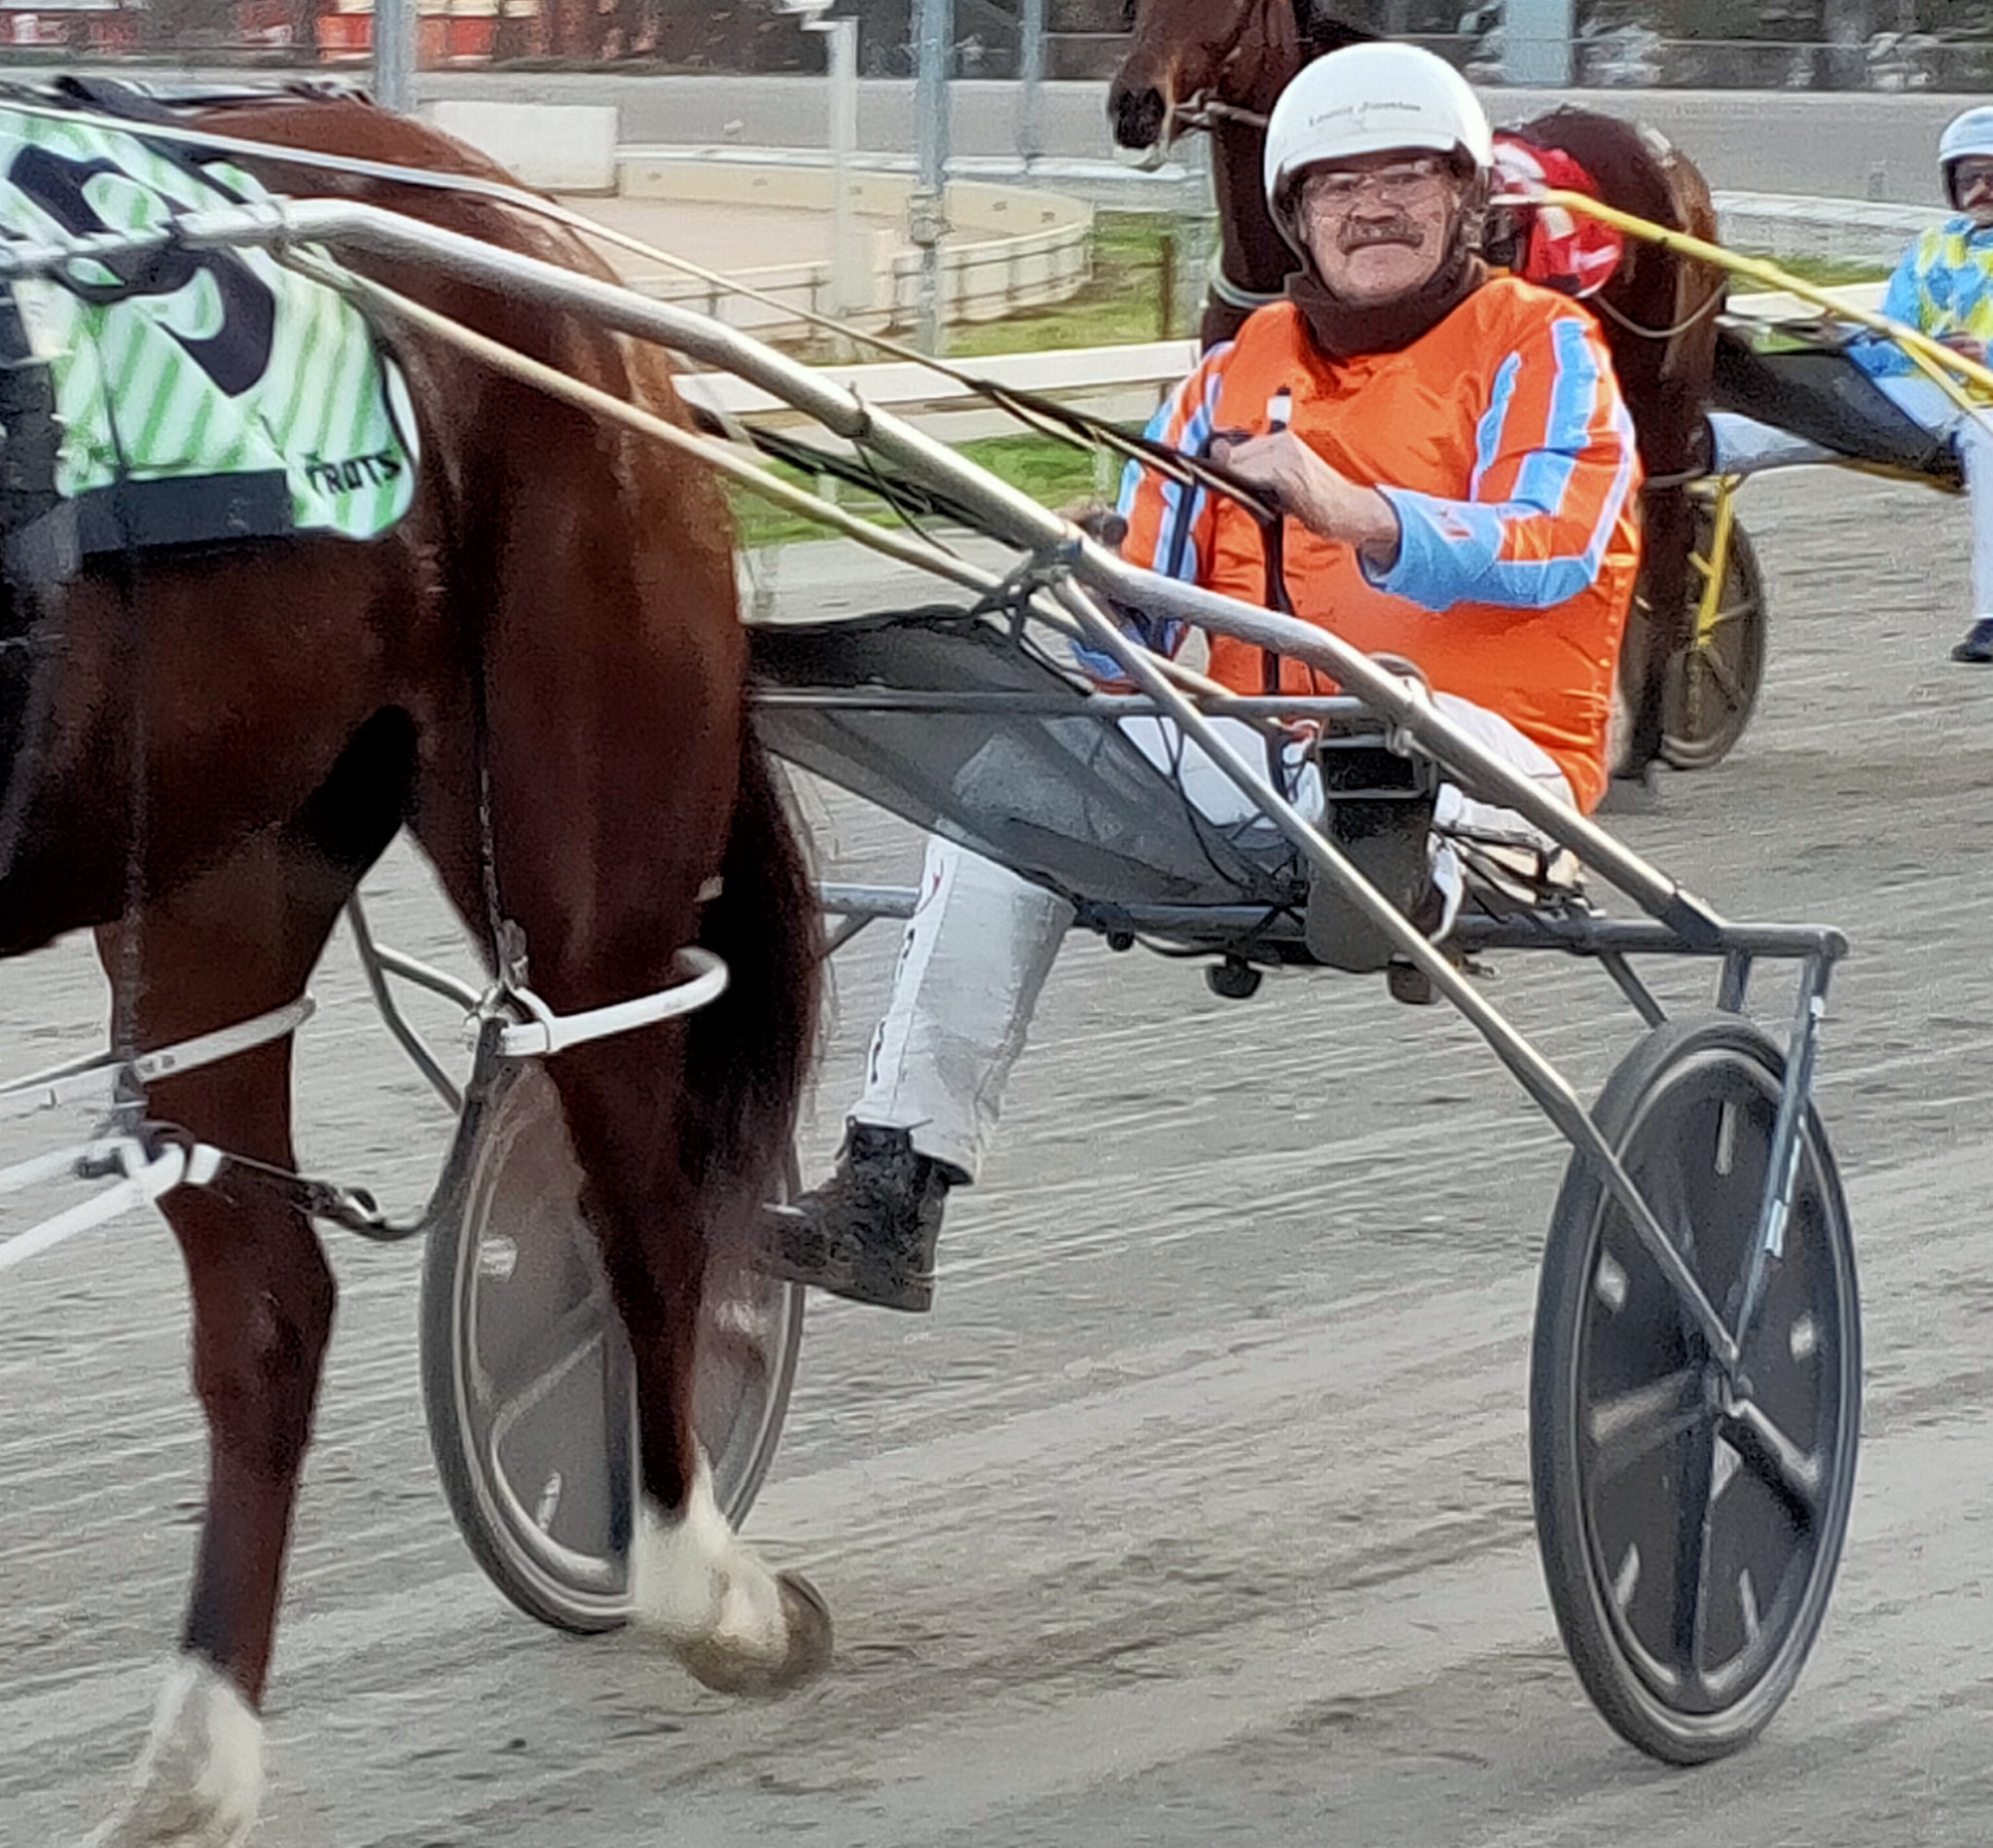 Warragul Bonus Race Winner